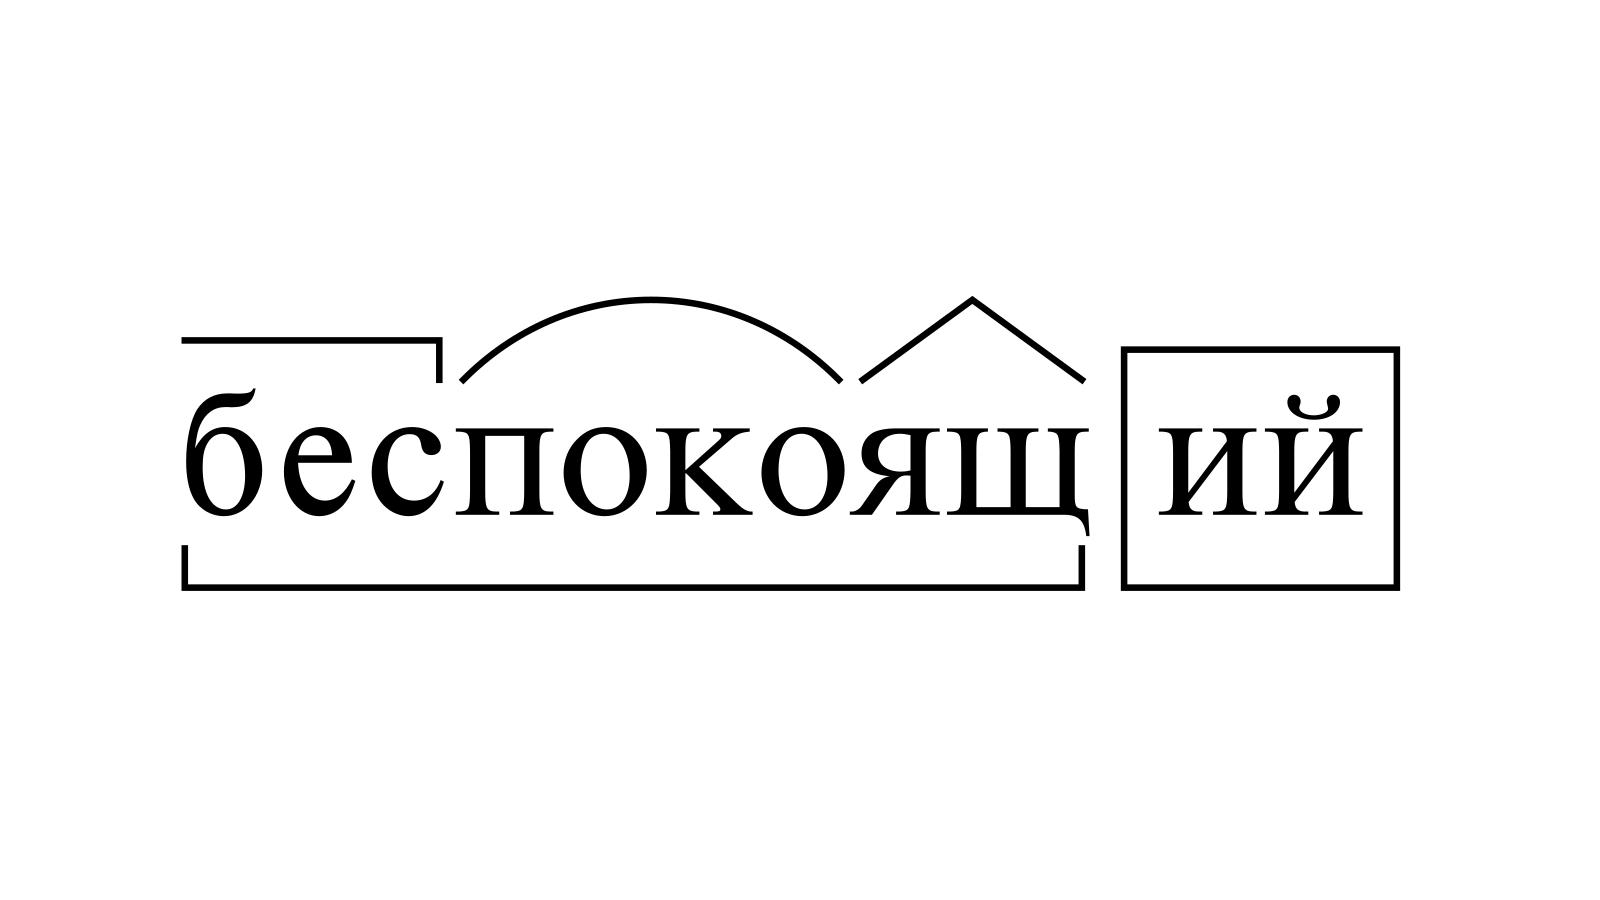 Разбор слова «беспокоящий» по составу